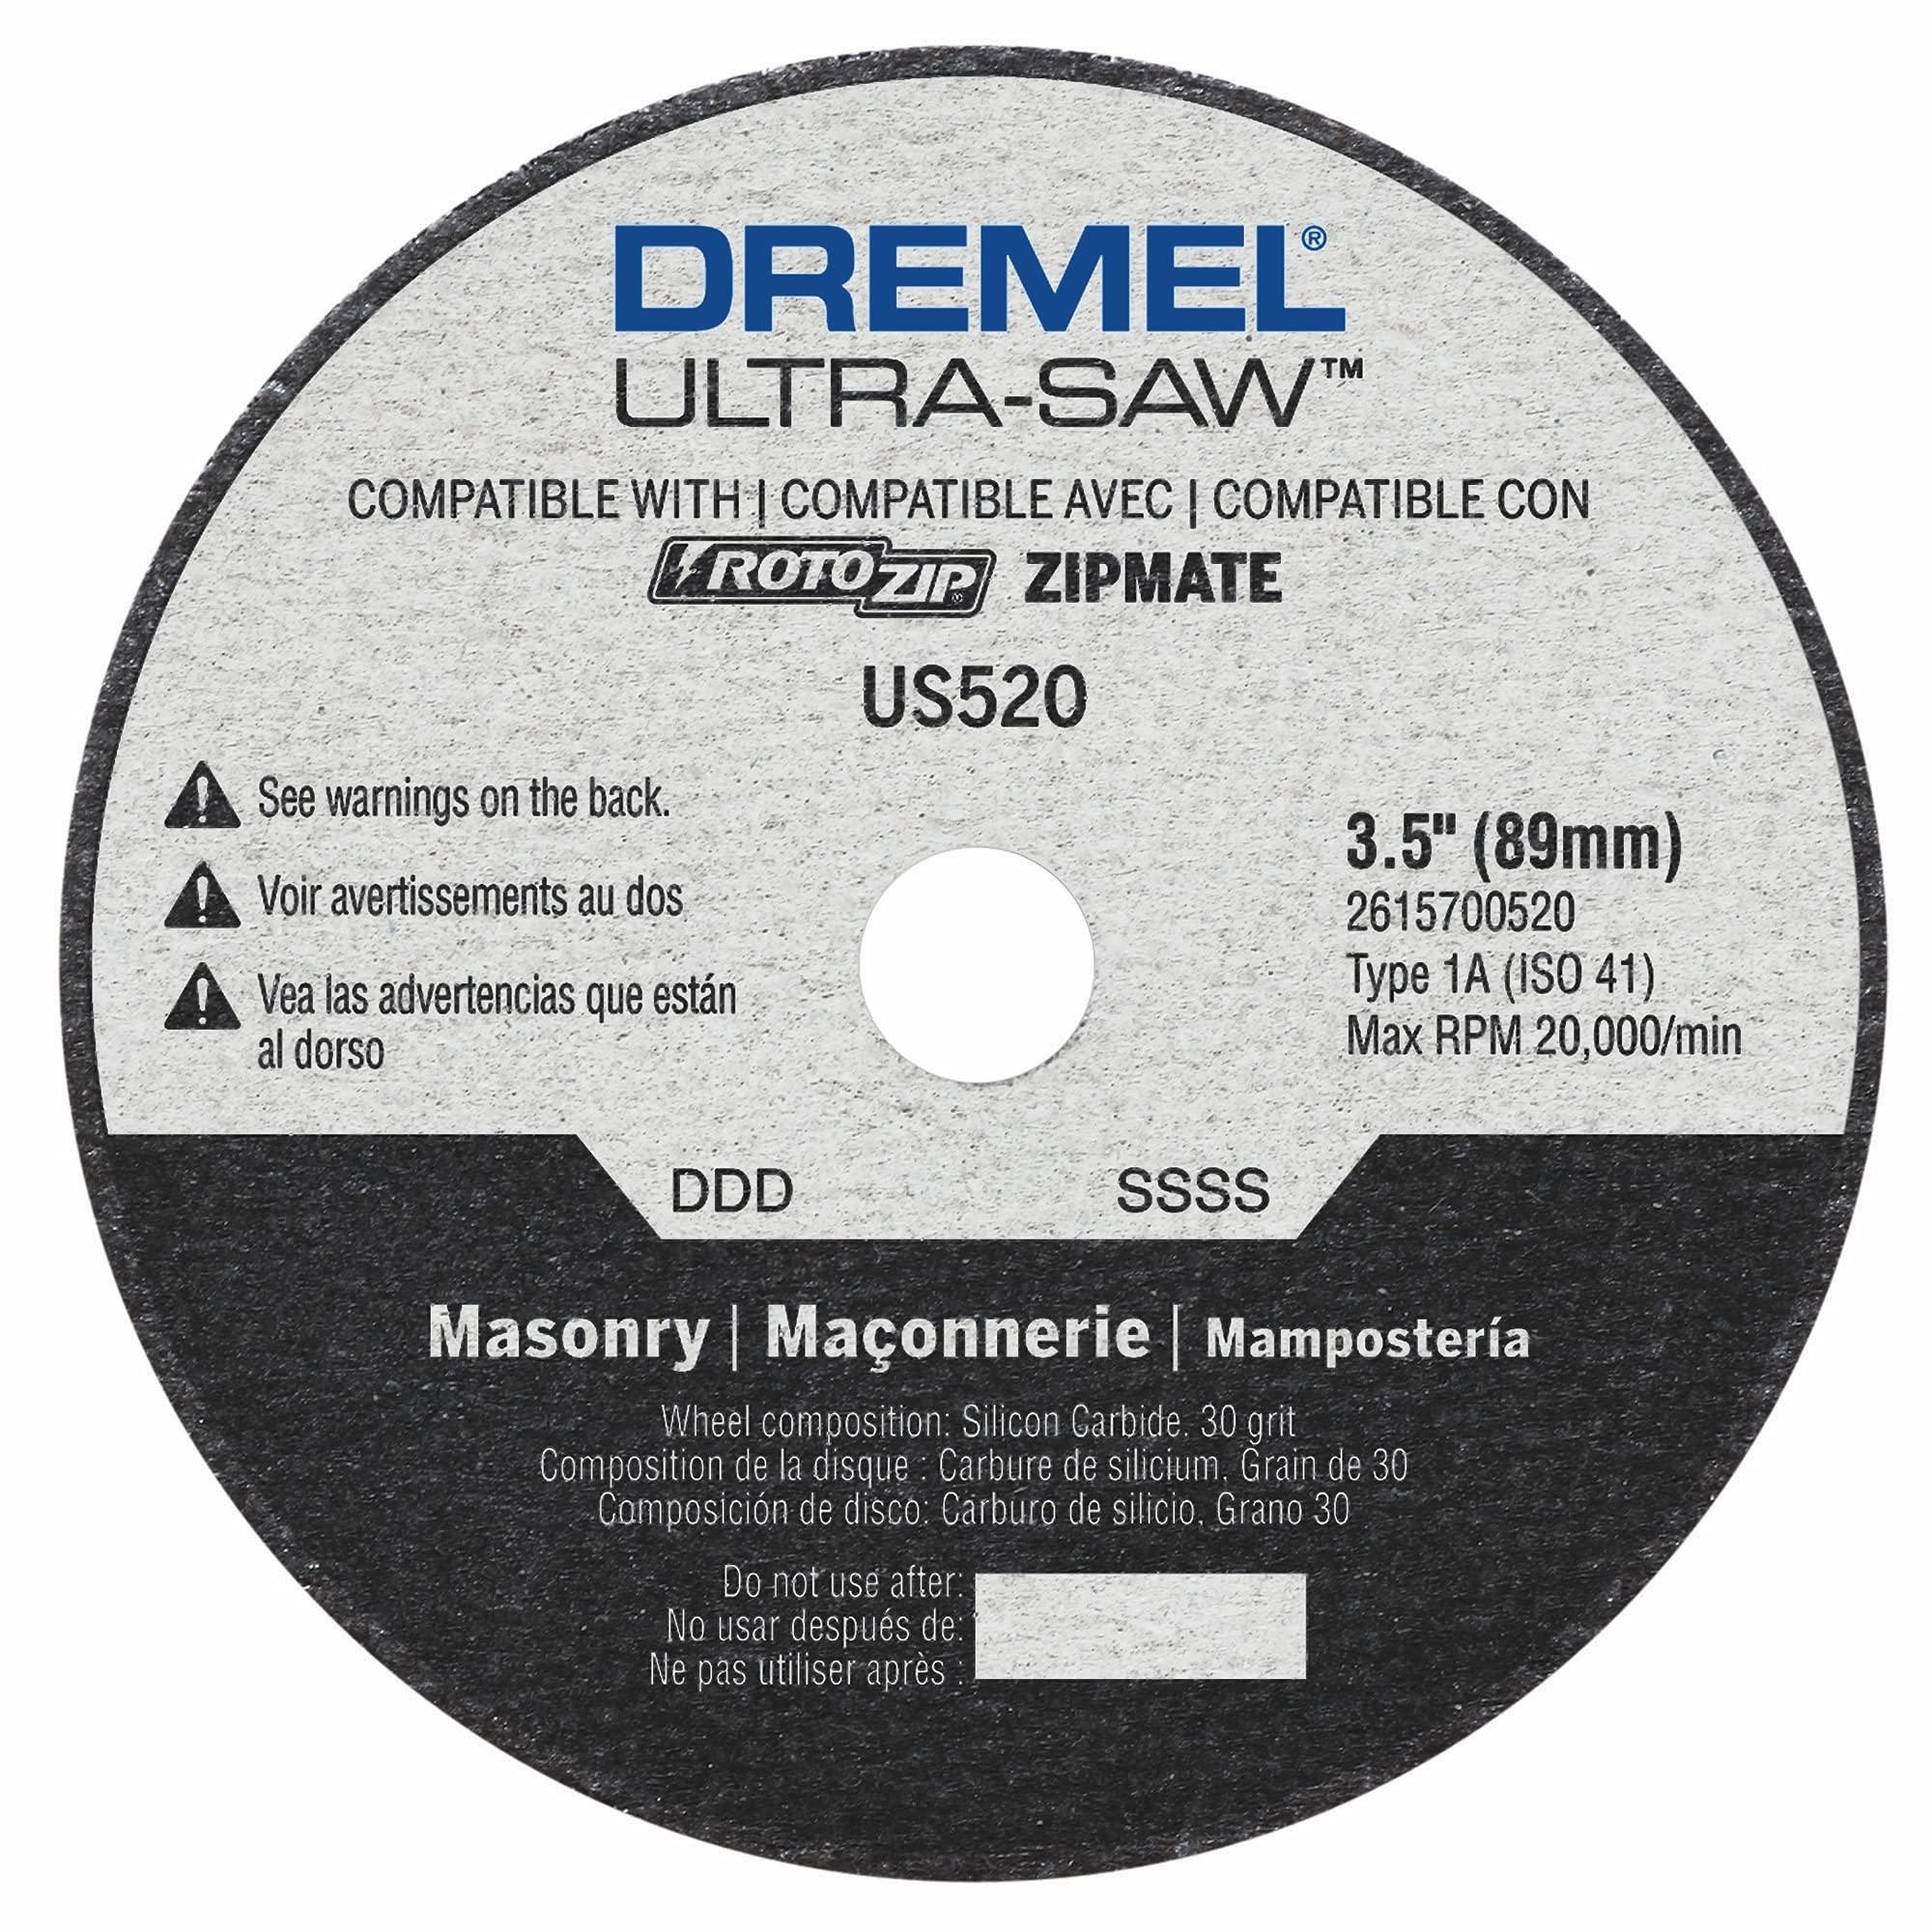 Dremel US520-01 Ultra-Saw 3.5-Inch Masonry Cutting Wheel